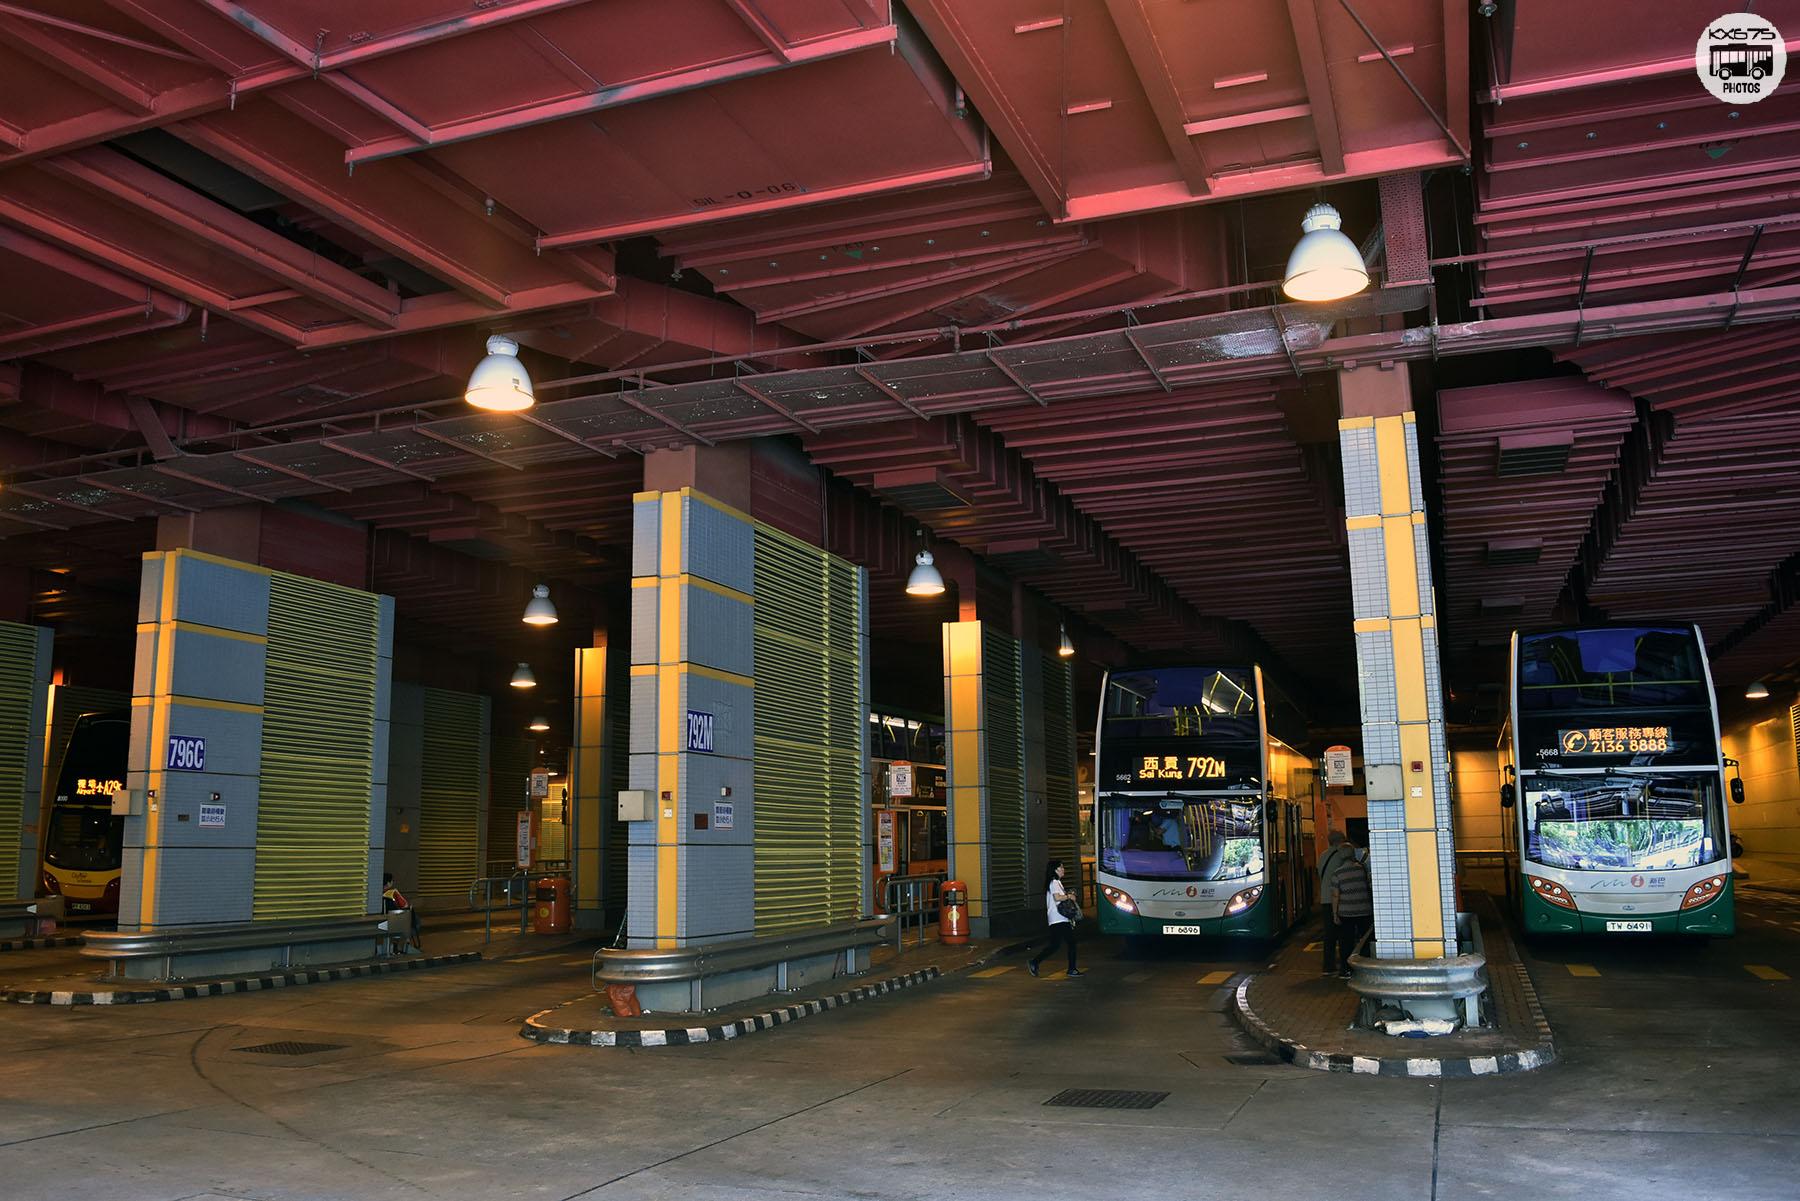 將軍澳站公共運輸交匯處